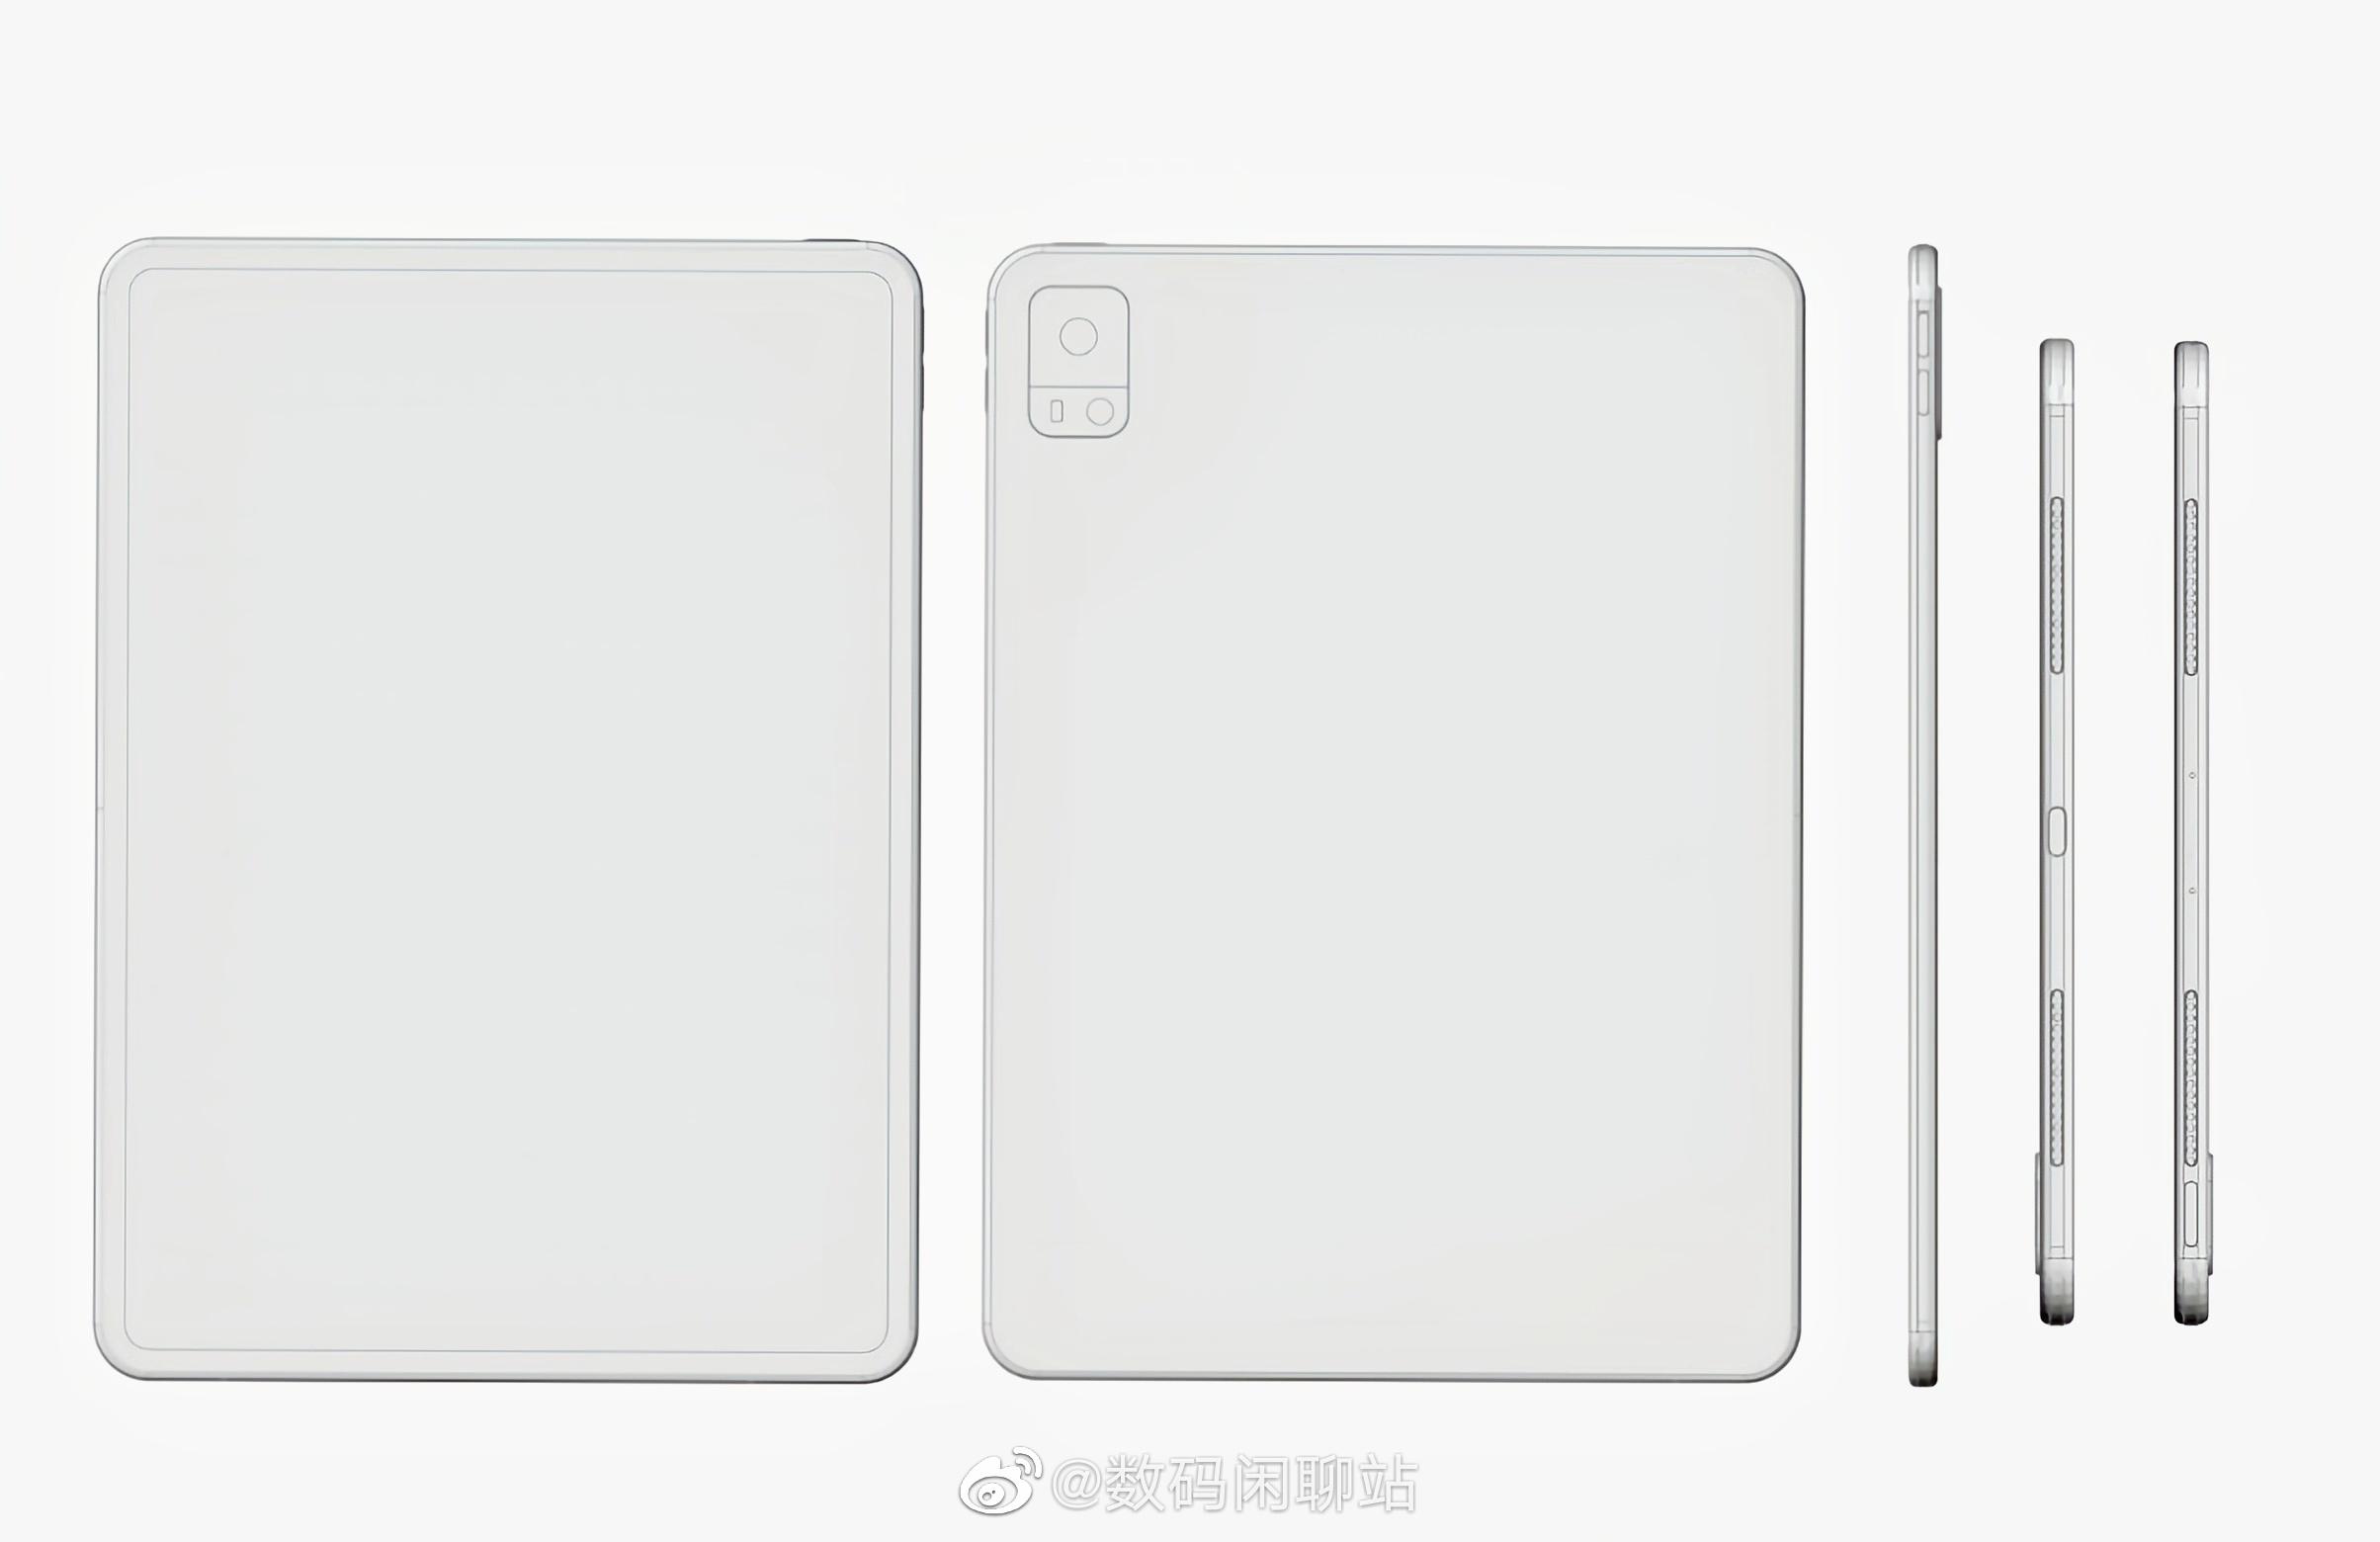 Erstes Tablet: Kommt Vivo seinen Kollegen von OnePlus und Oppo zuvor?